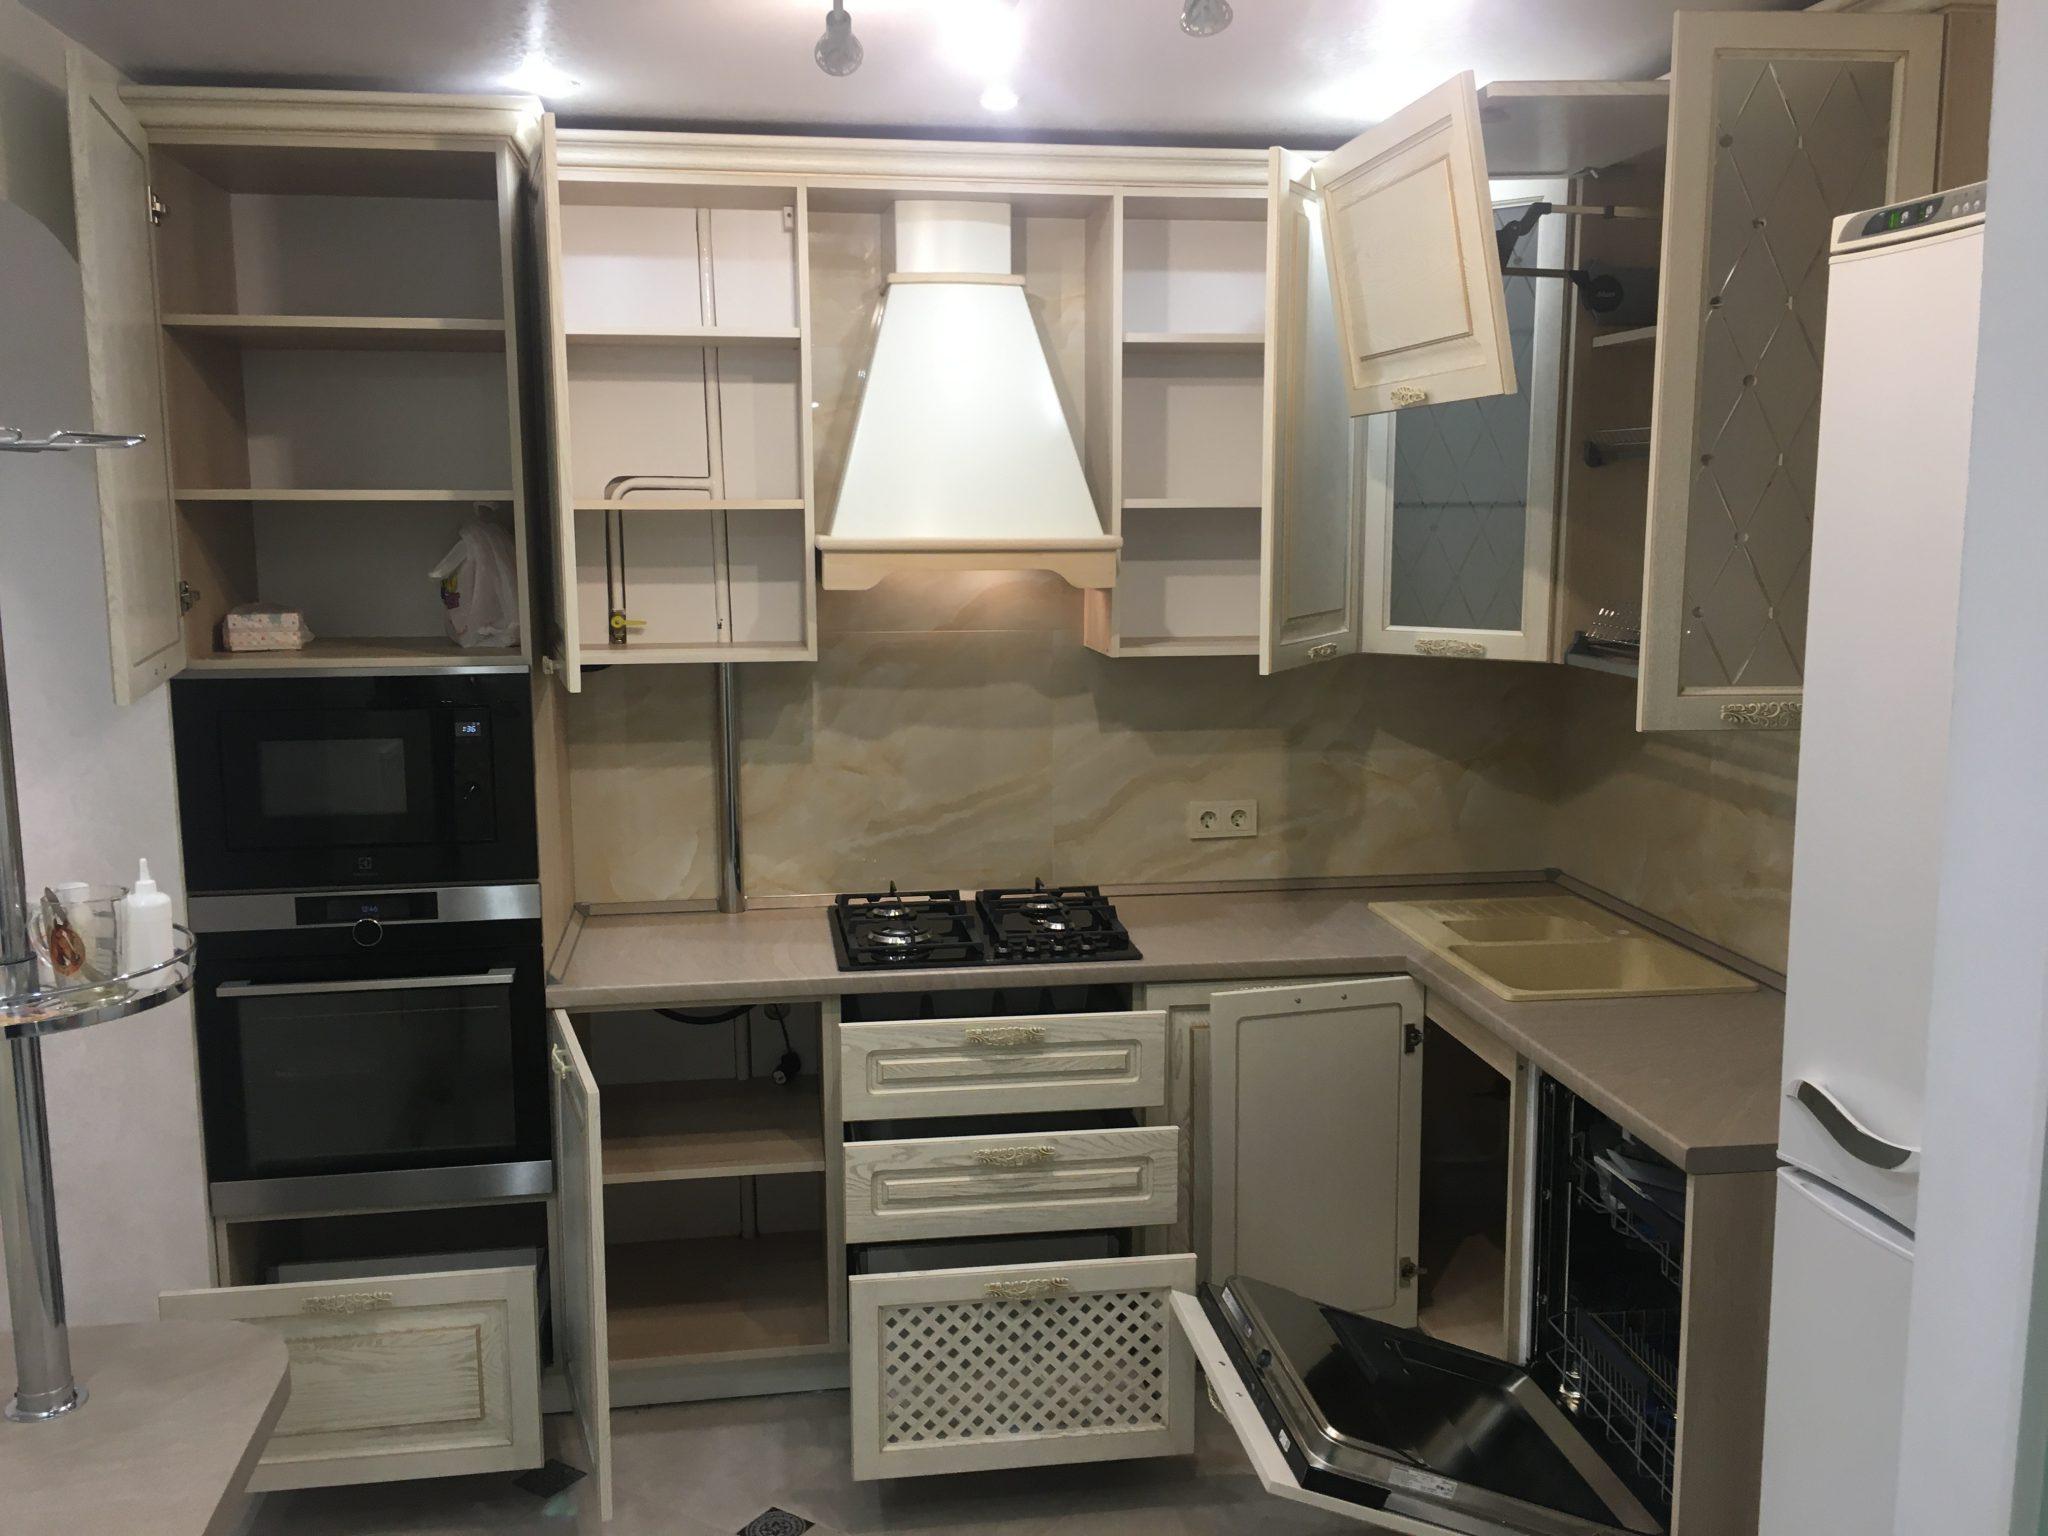 кухня в Гомеле по ул. Свиридова из массива ясеня 71 2